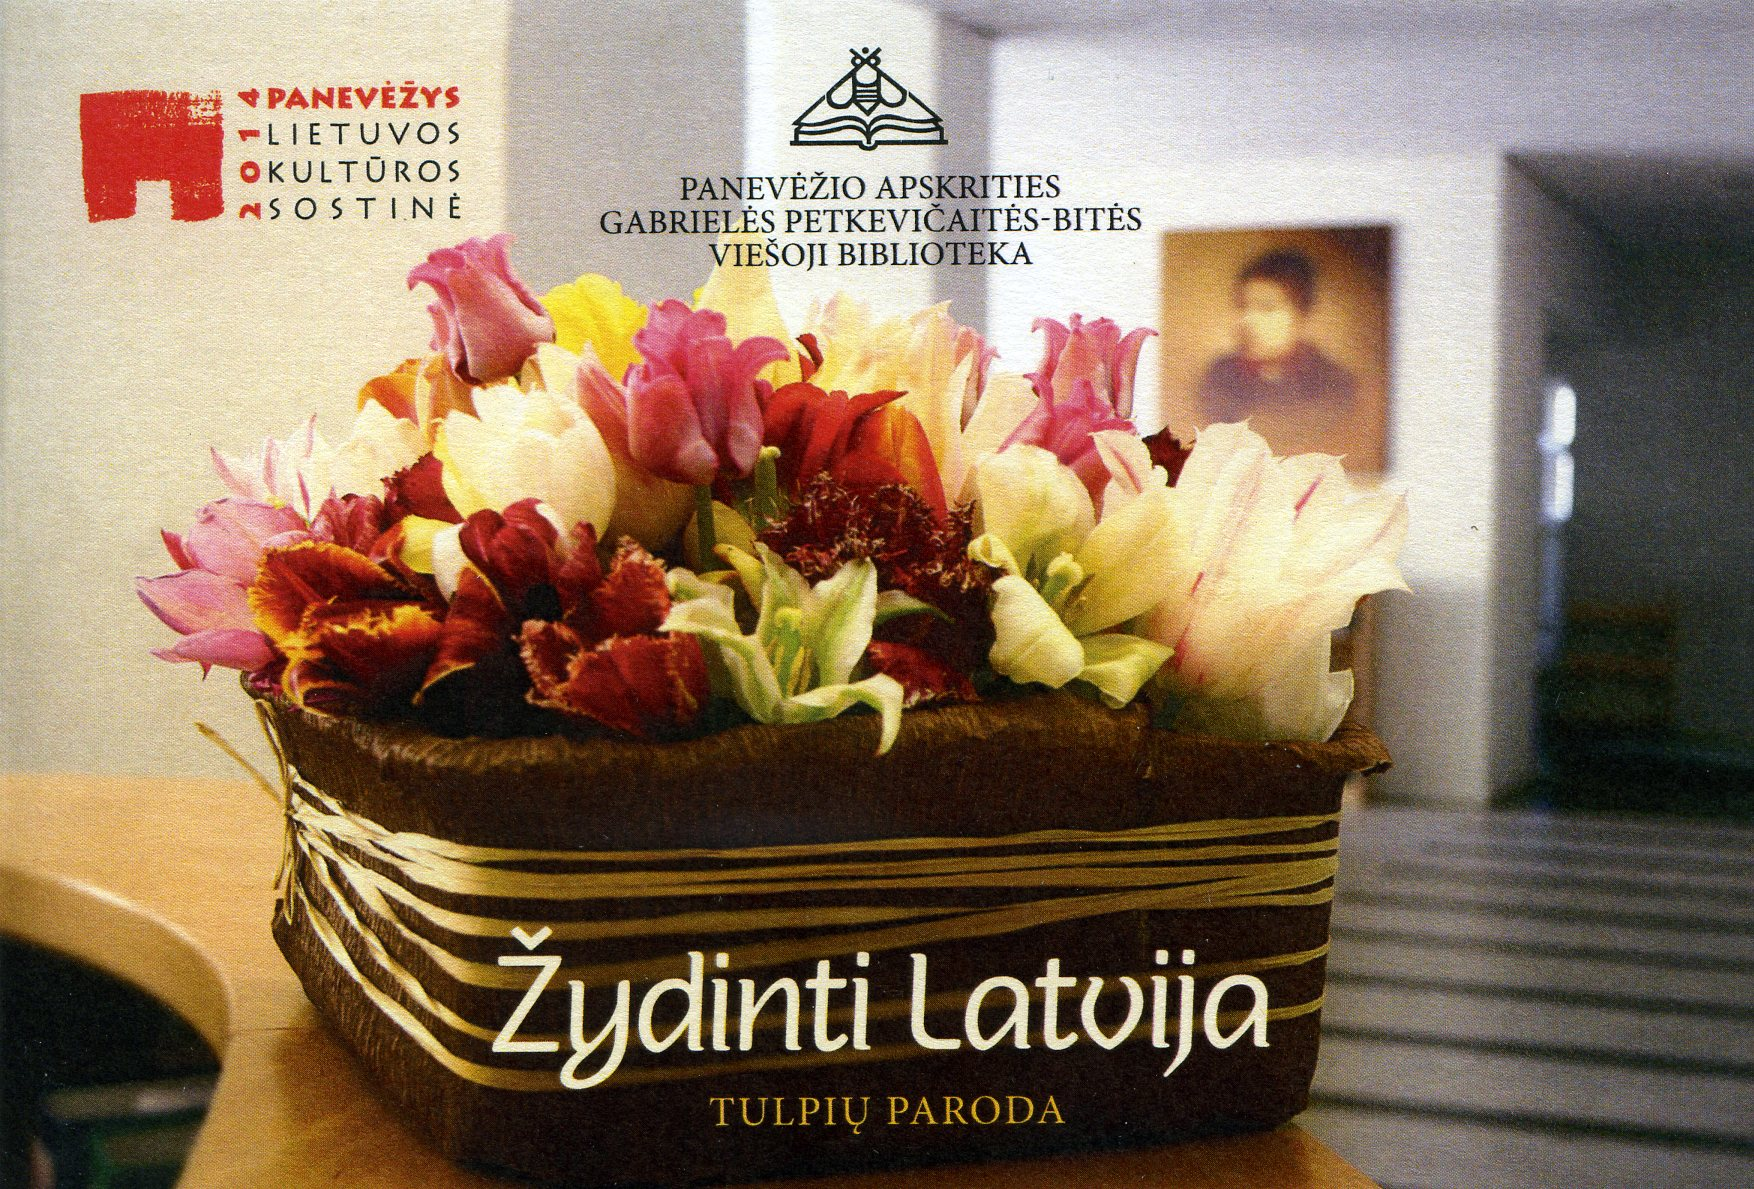 Žydinti Latvija